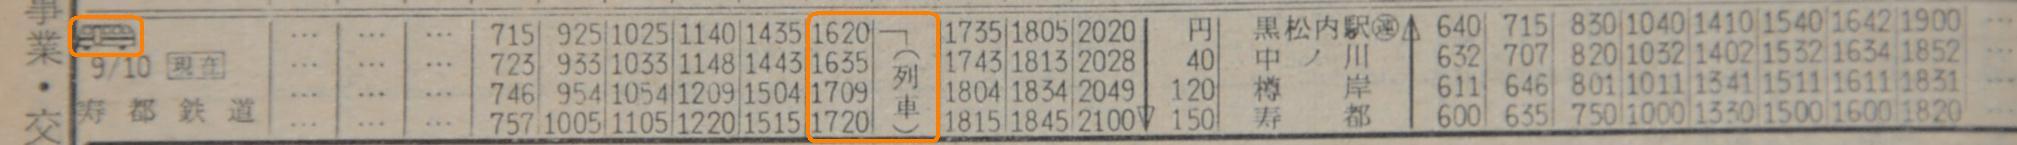 寿都鉄道時刻表:交通公社時刻表1967年10月号